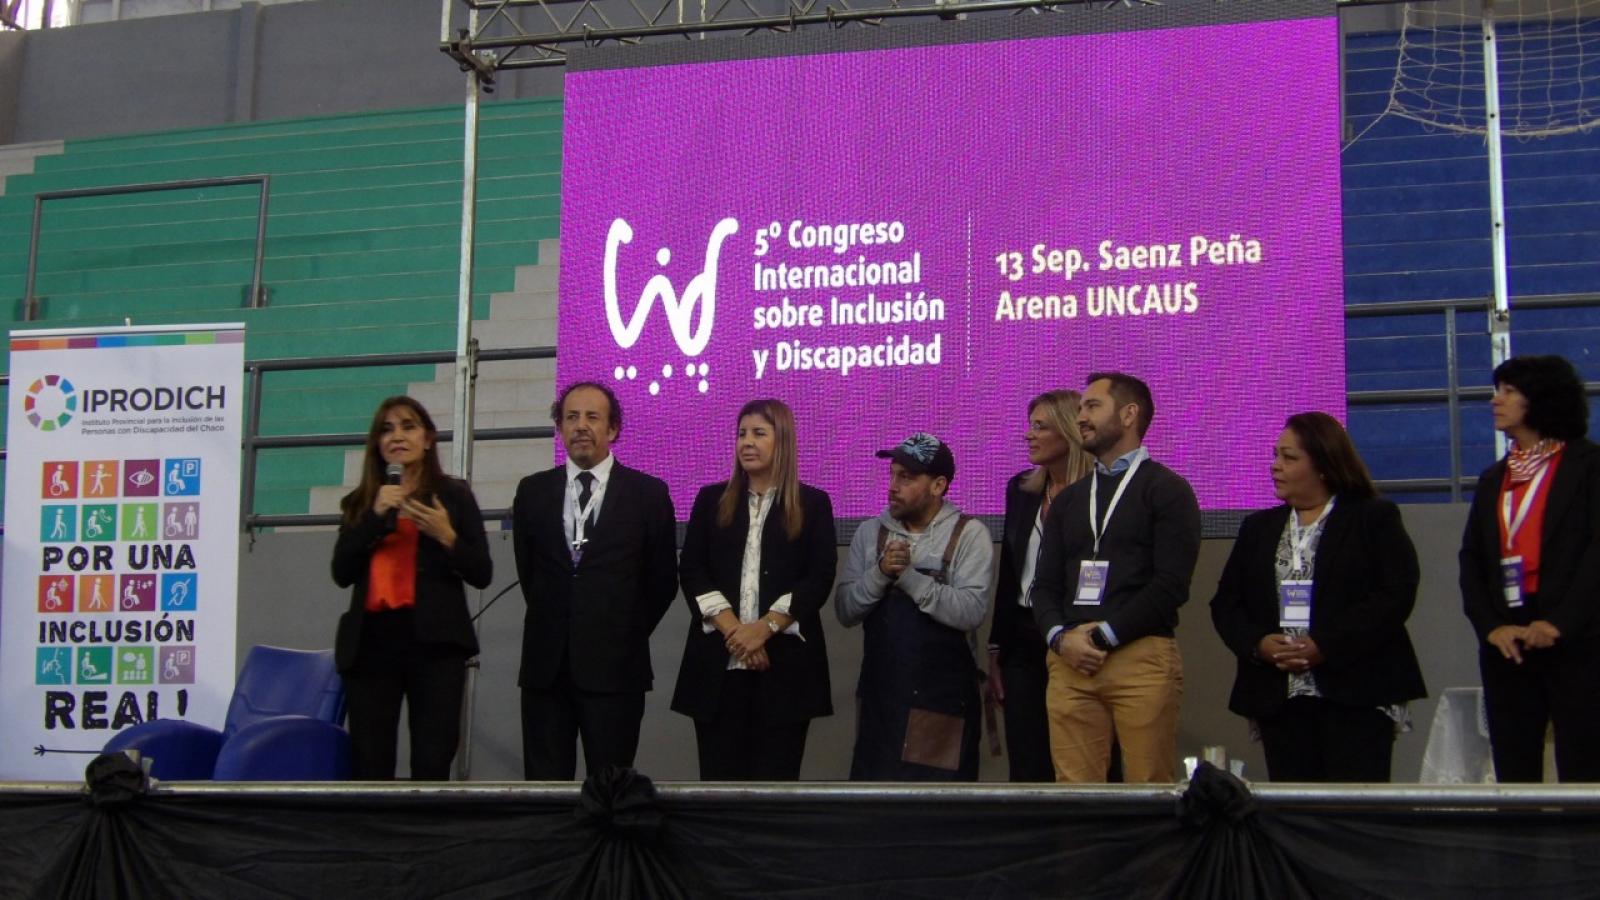 V CID Sáenz Peña